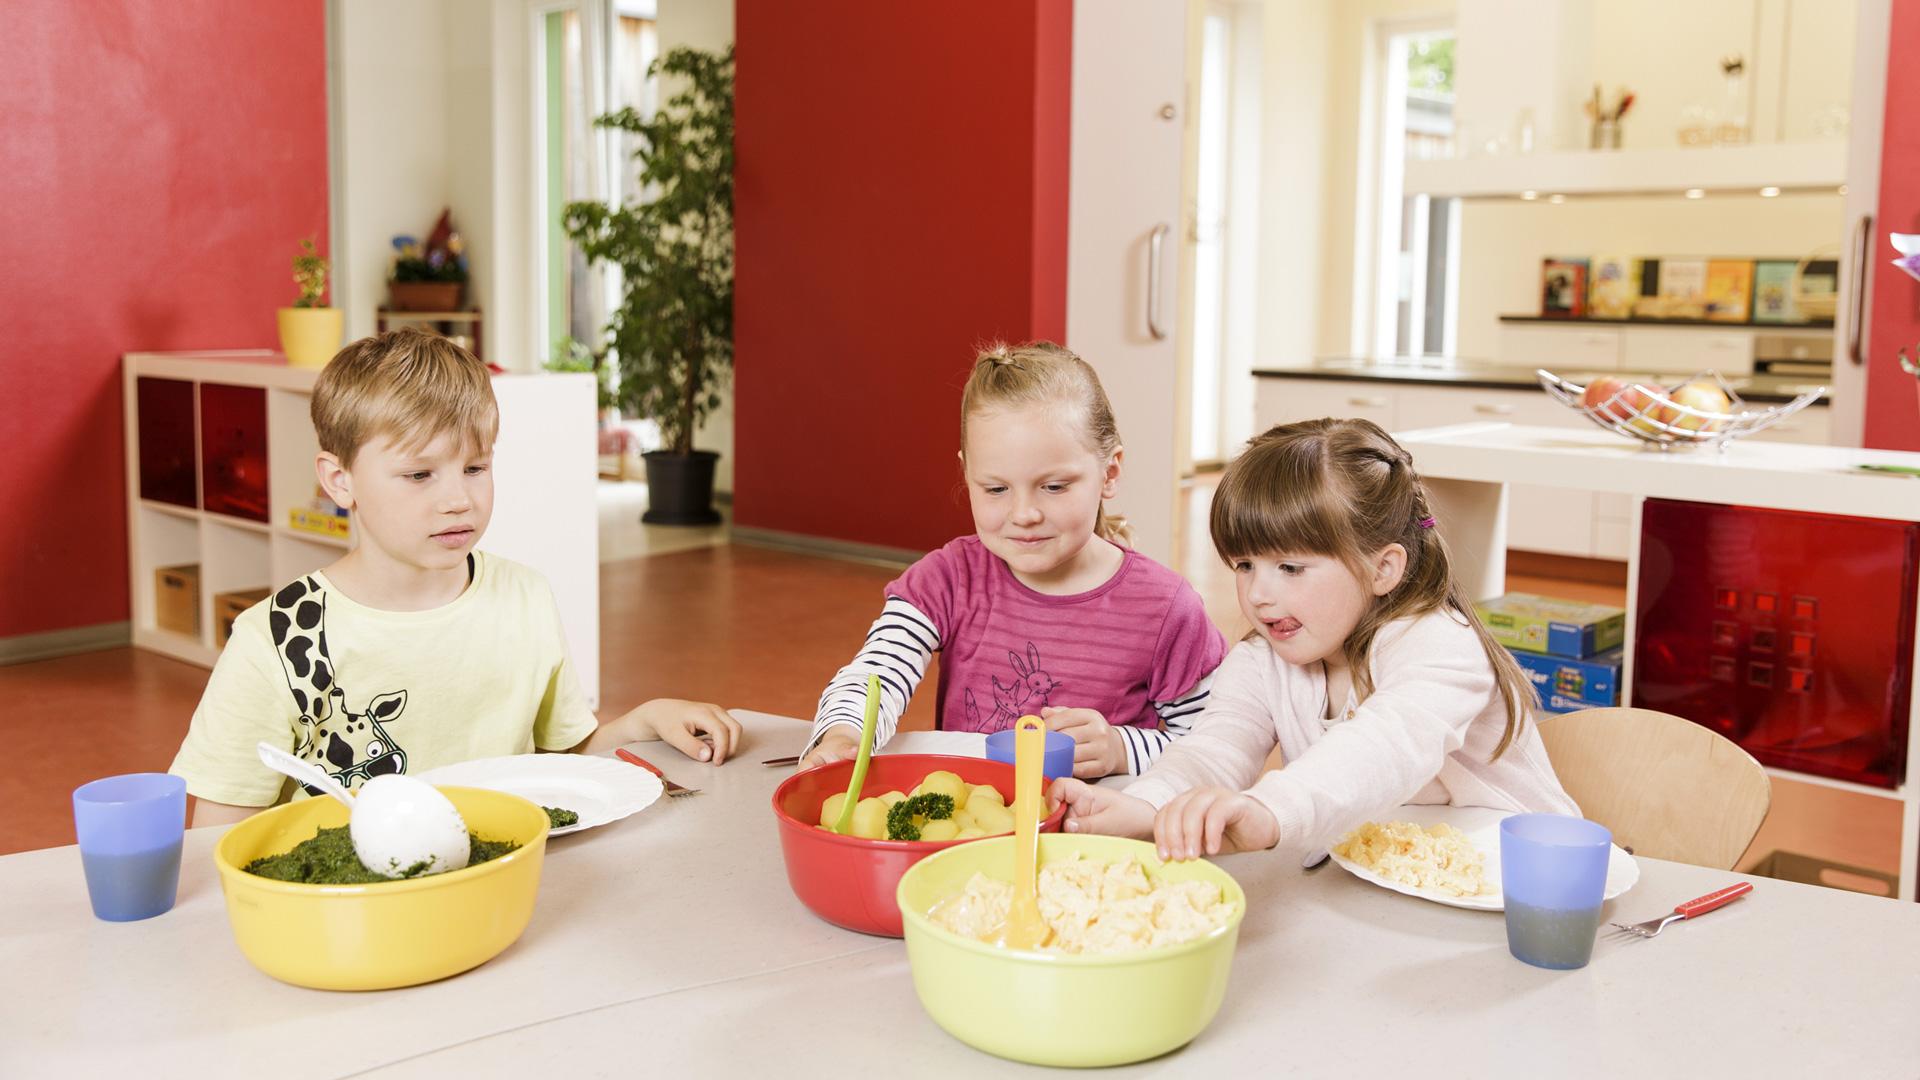 rws cateringservice jetzt ihr essen in krippe und kita bestellen. Black Bedroom Furniture Sets. Home Design Ideas